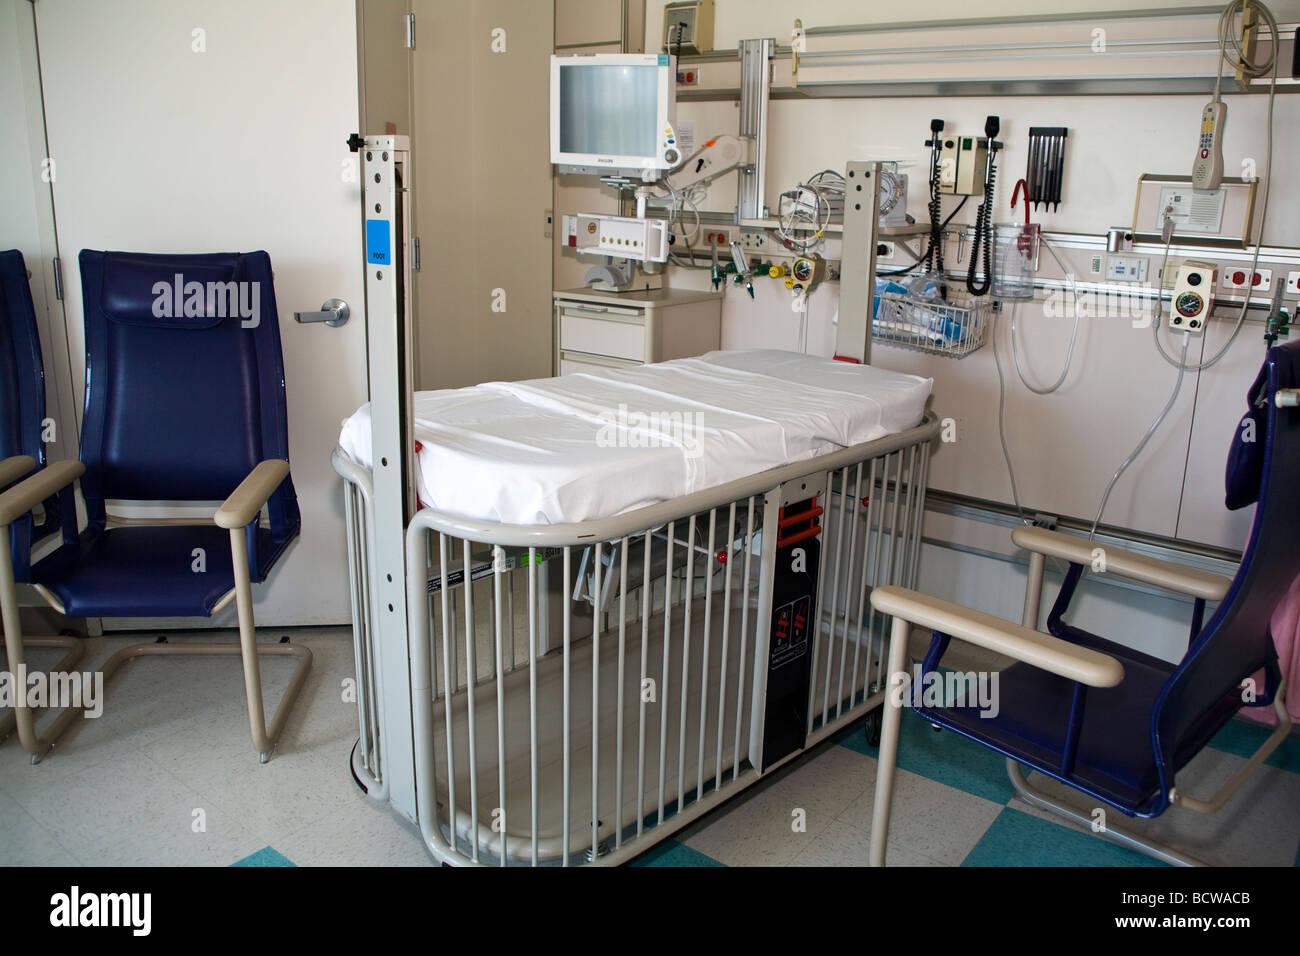 Hospital pediatric intensive care unit icu picu. - Stock Image